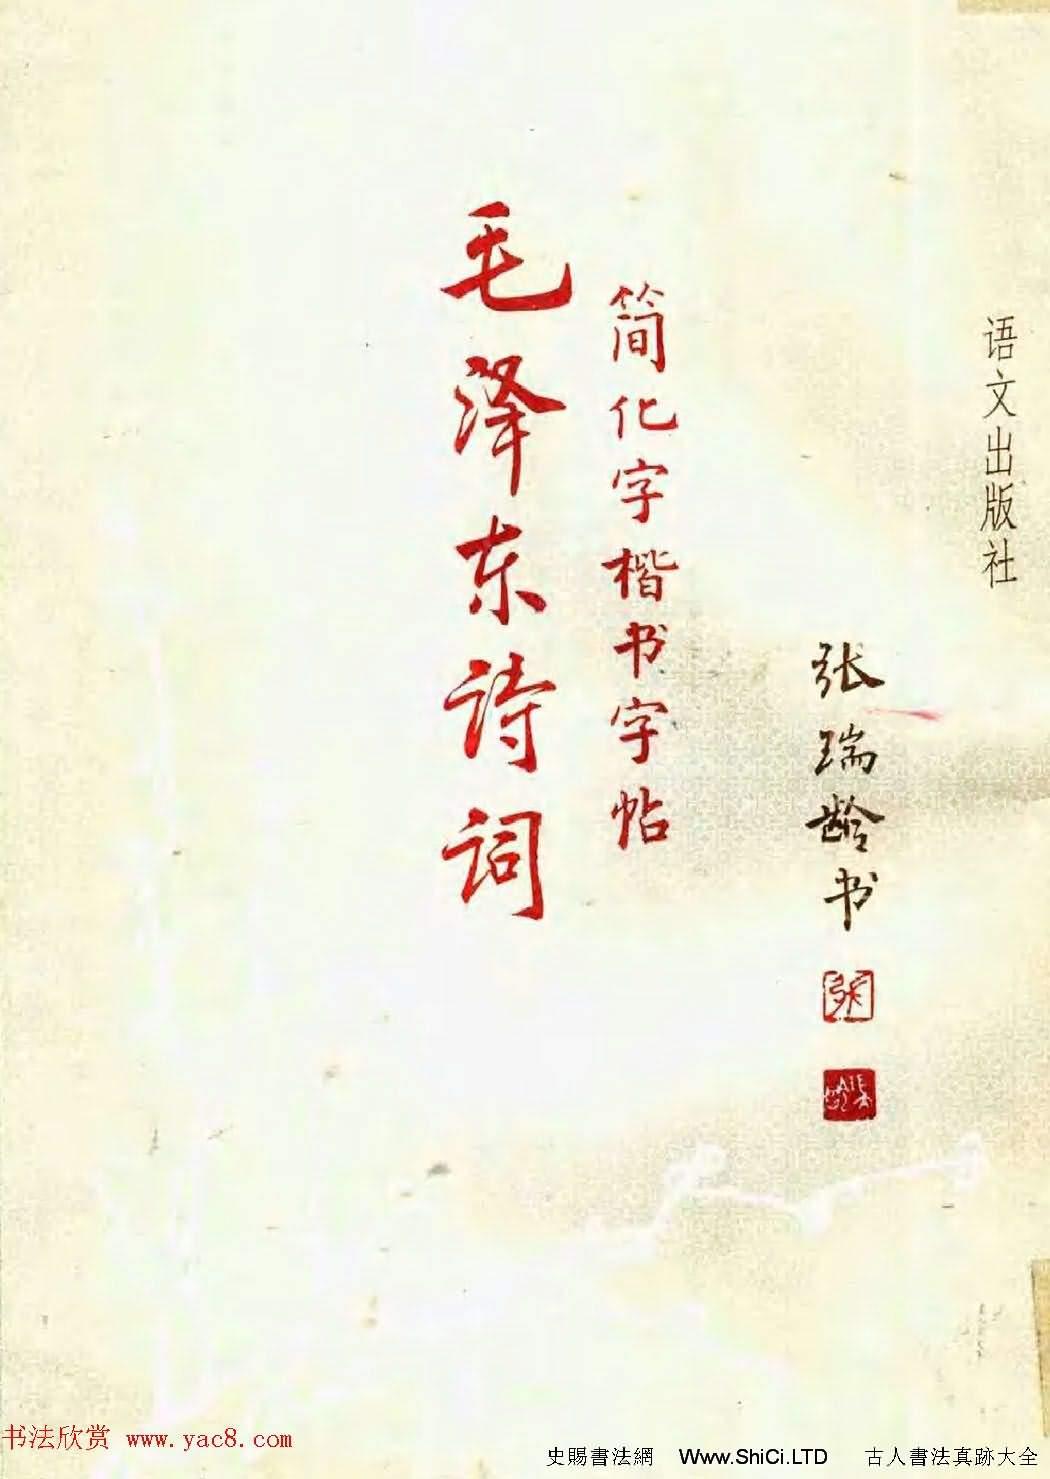 張瑞齡書毛澤東詩詞簡化字楷書字帖(共24張圖片)